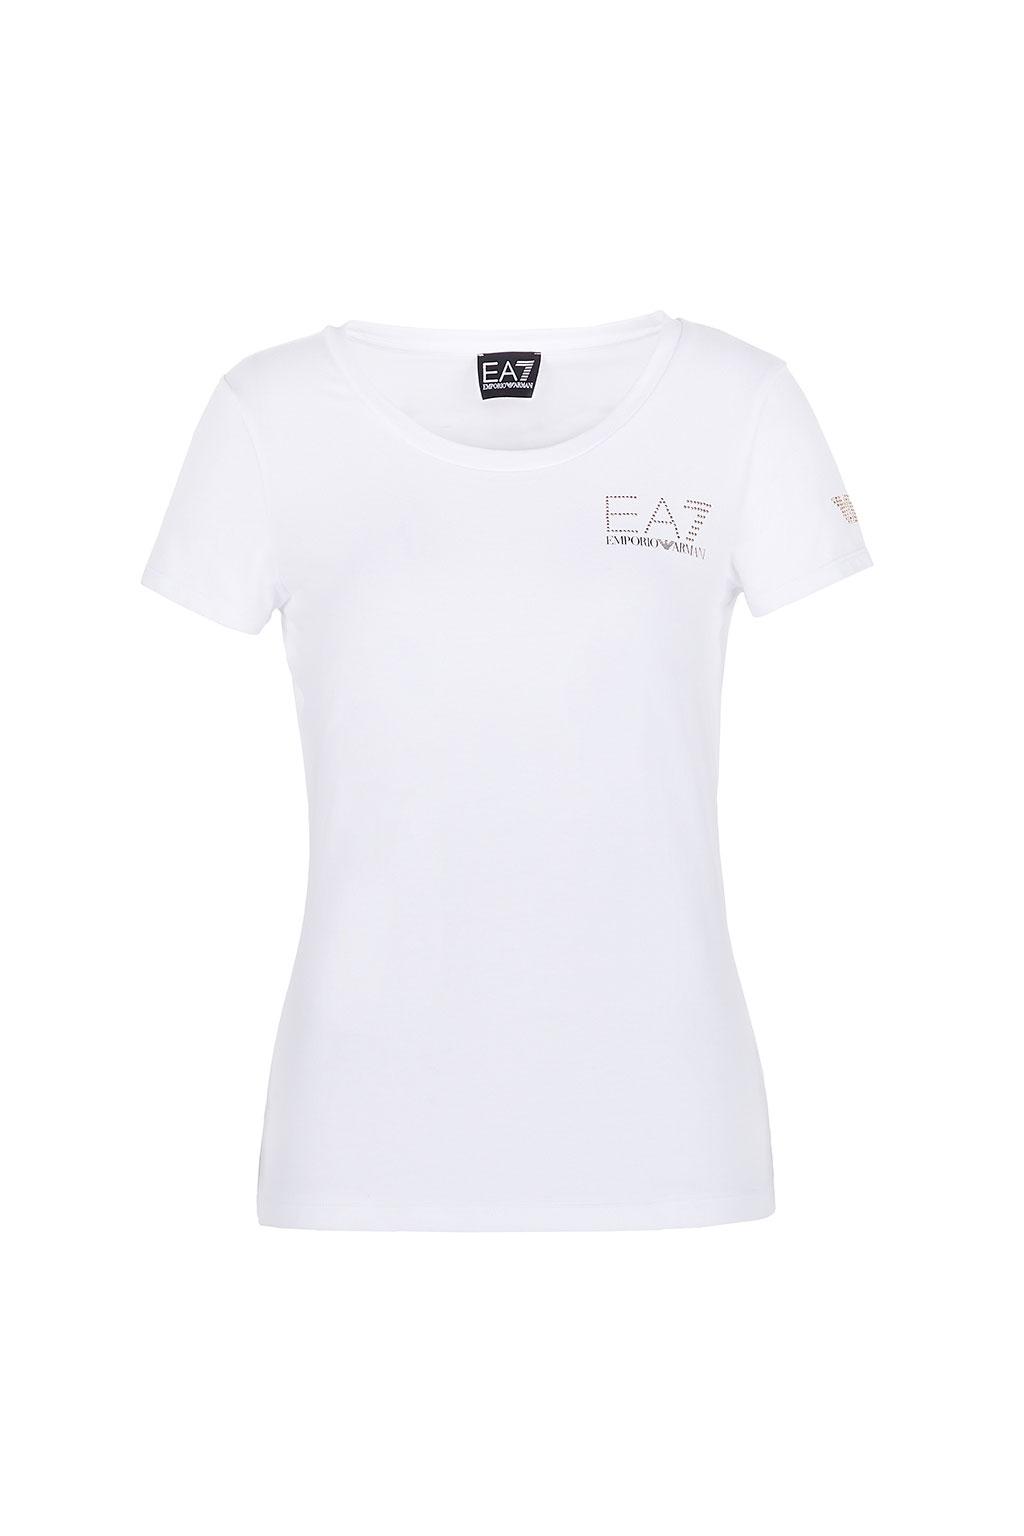 T-Shirt EA7 Modal Bianco